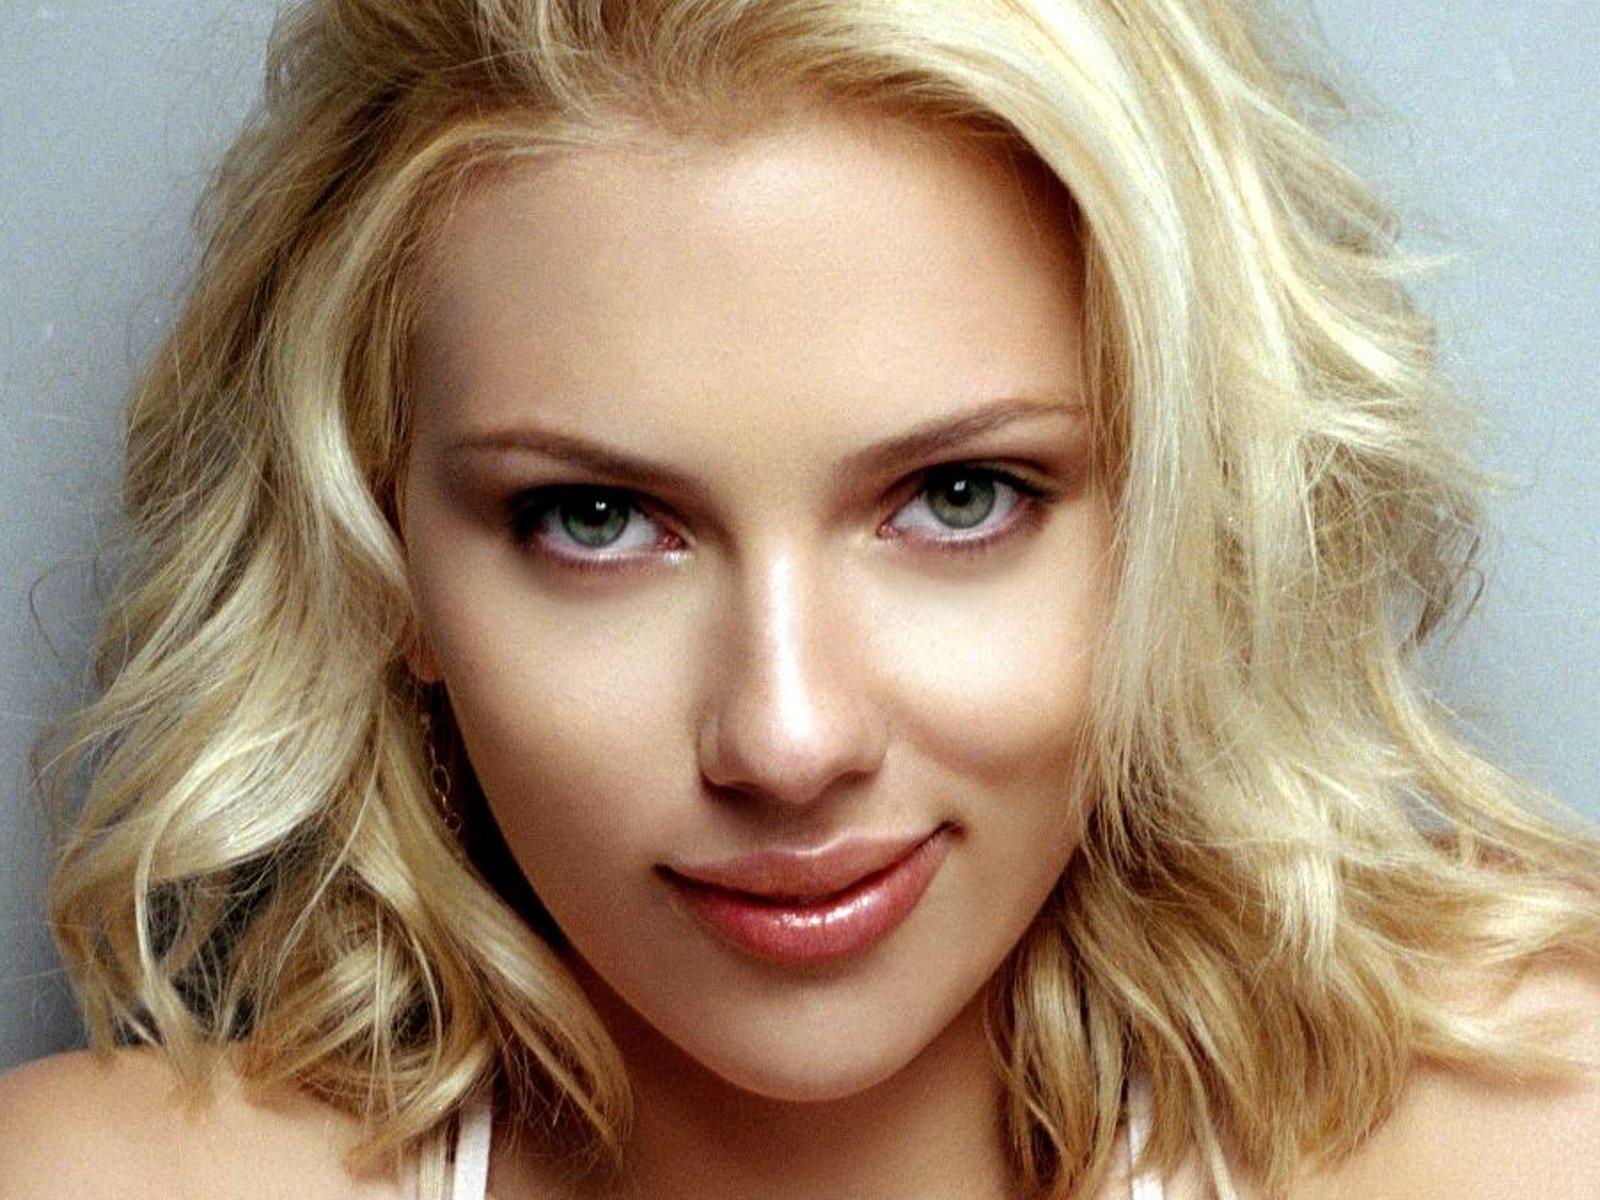 Scarlett-johansson-4eb30bc8cb8e8